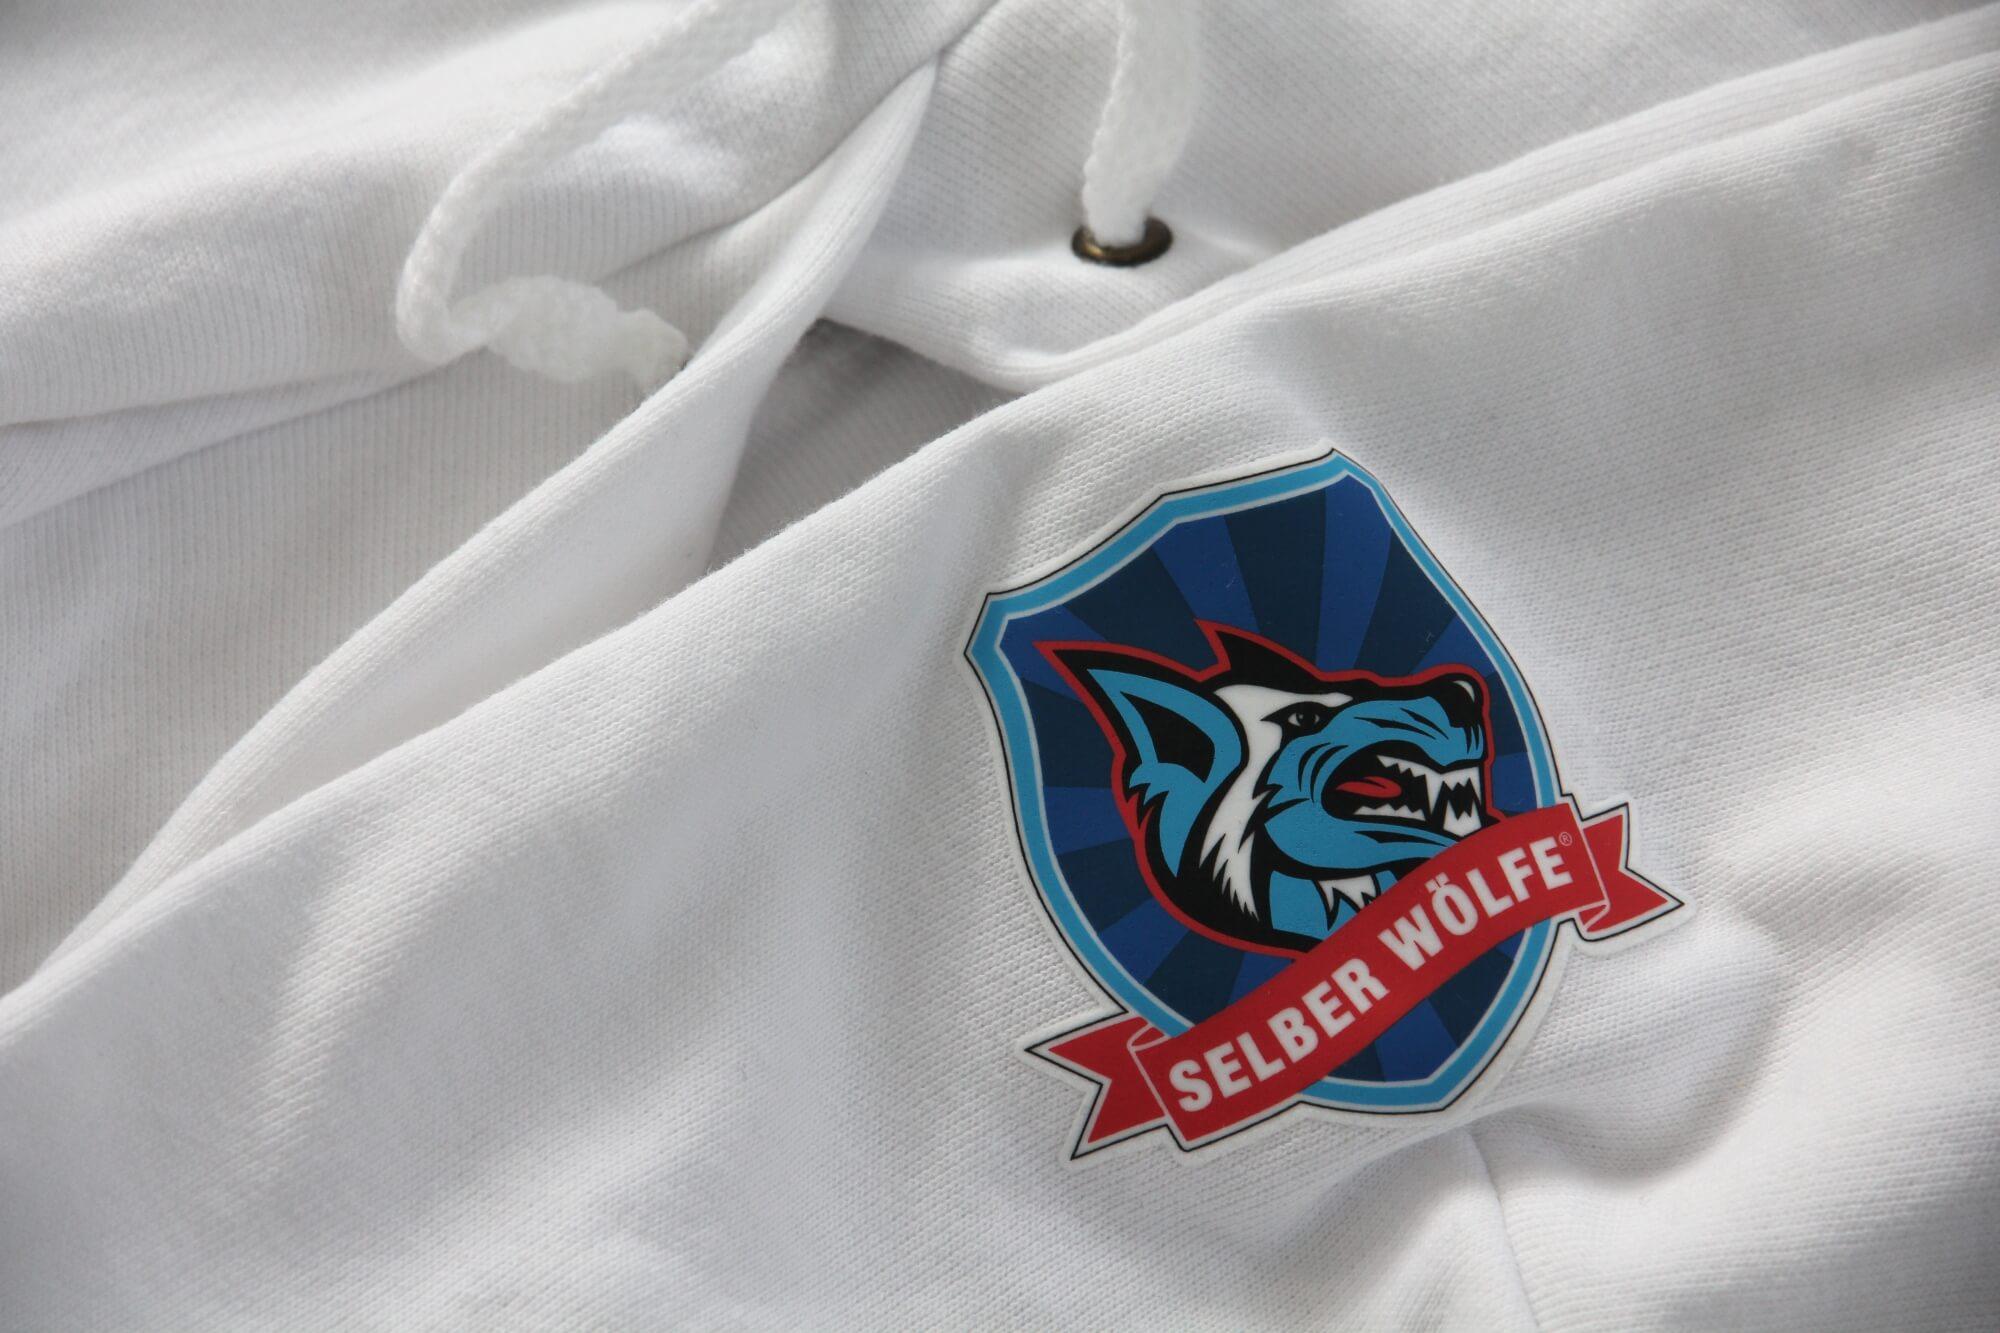 Eishockey-Fanartikel<br>Merch-Partner der Selber Wölfe